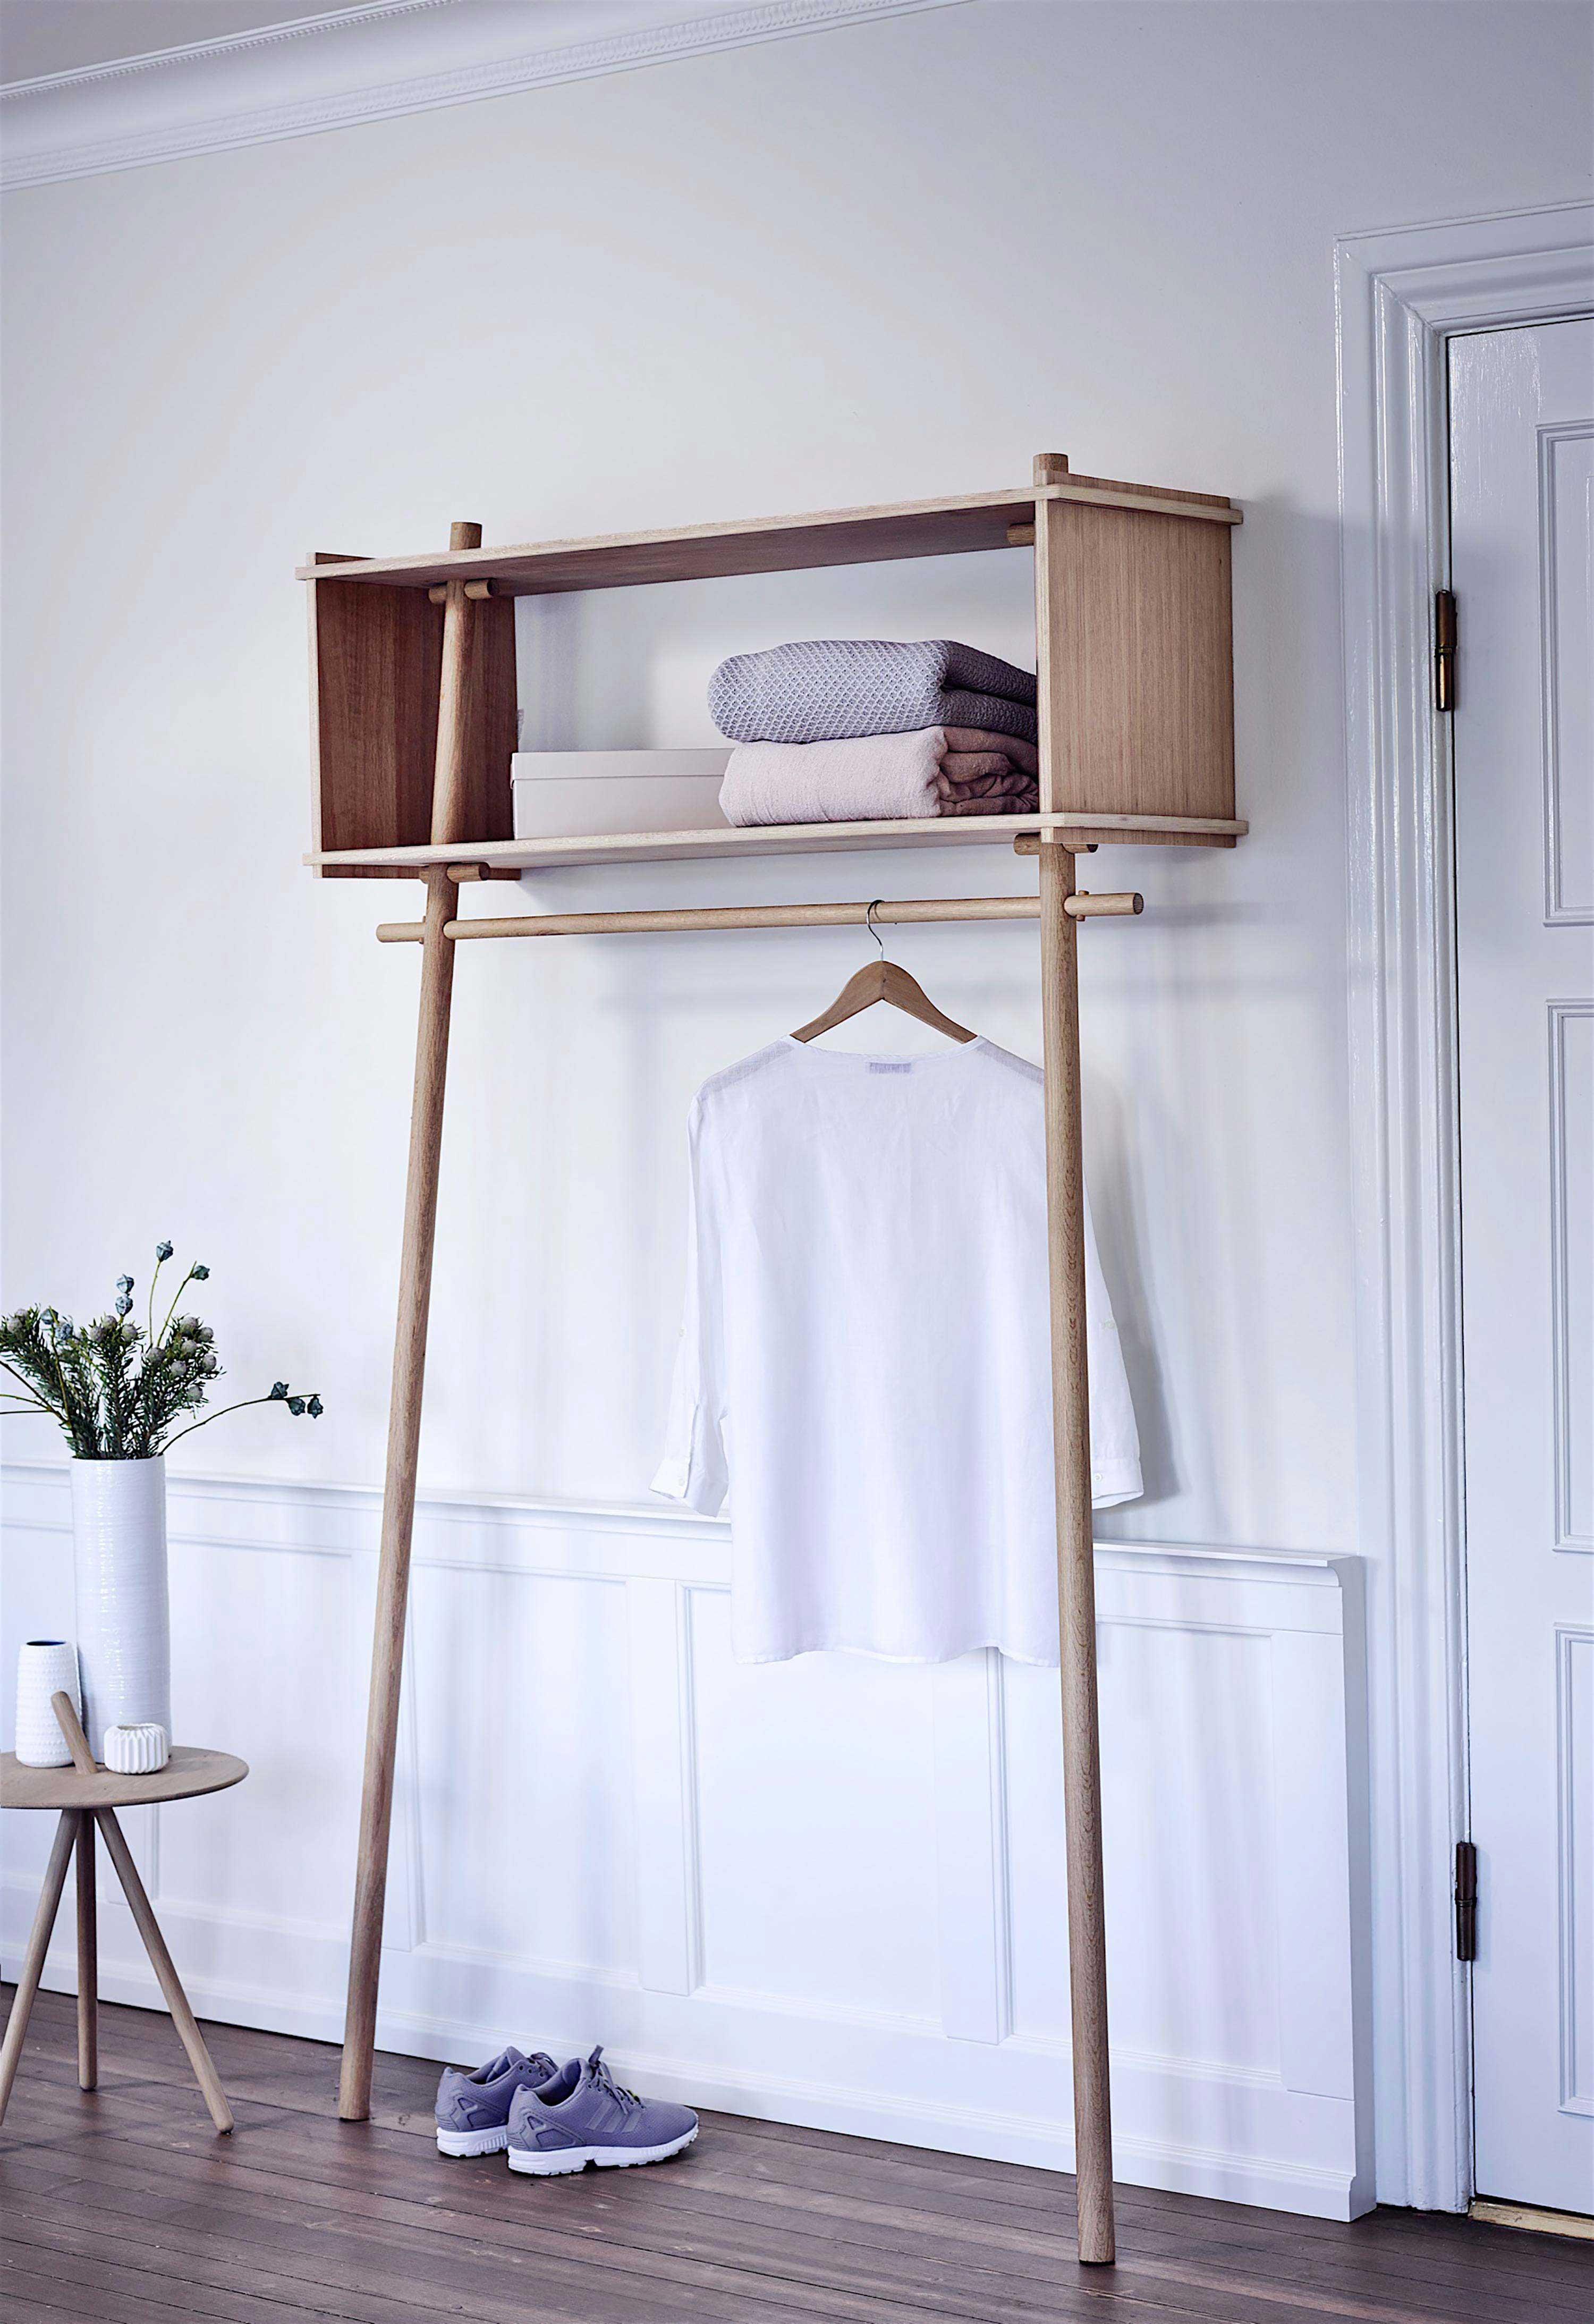 meuble dressing moderne woud. Black Bedroom Furniture Sets. Home Design Ideas